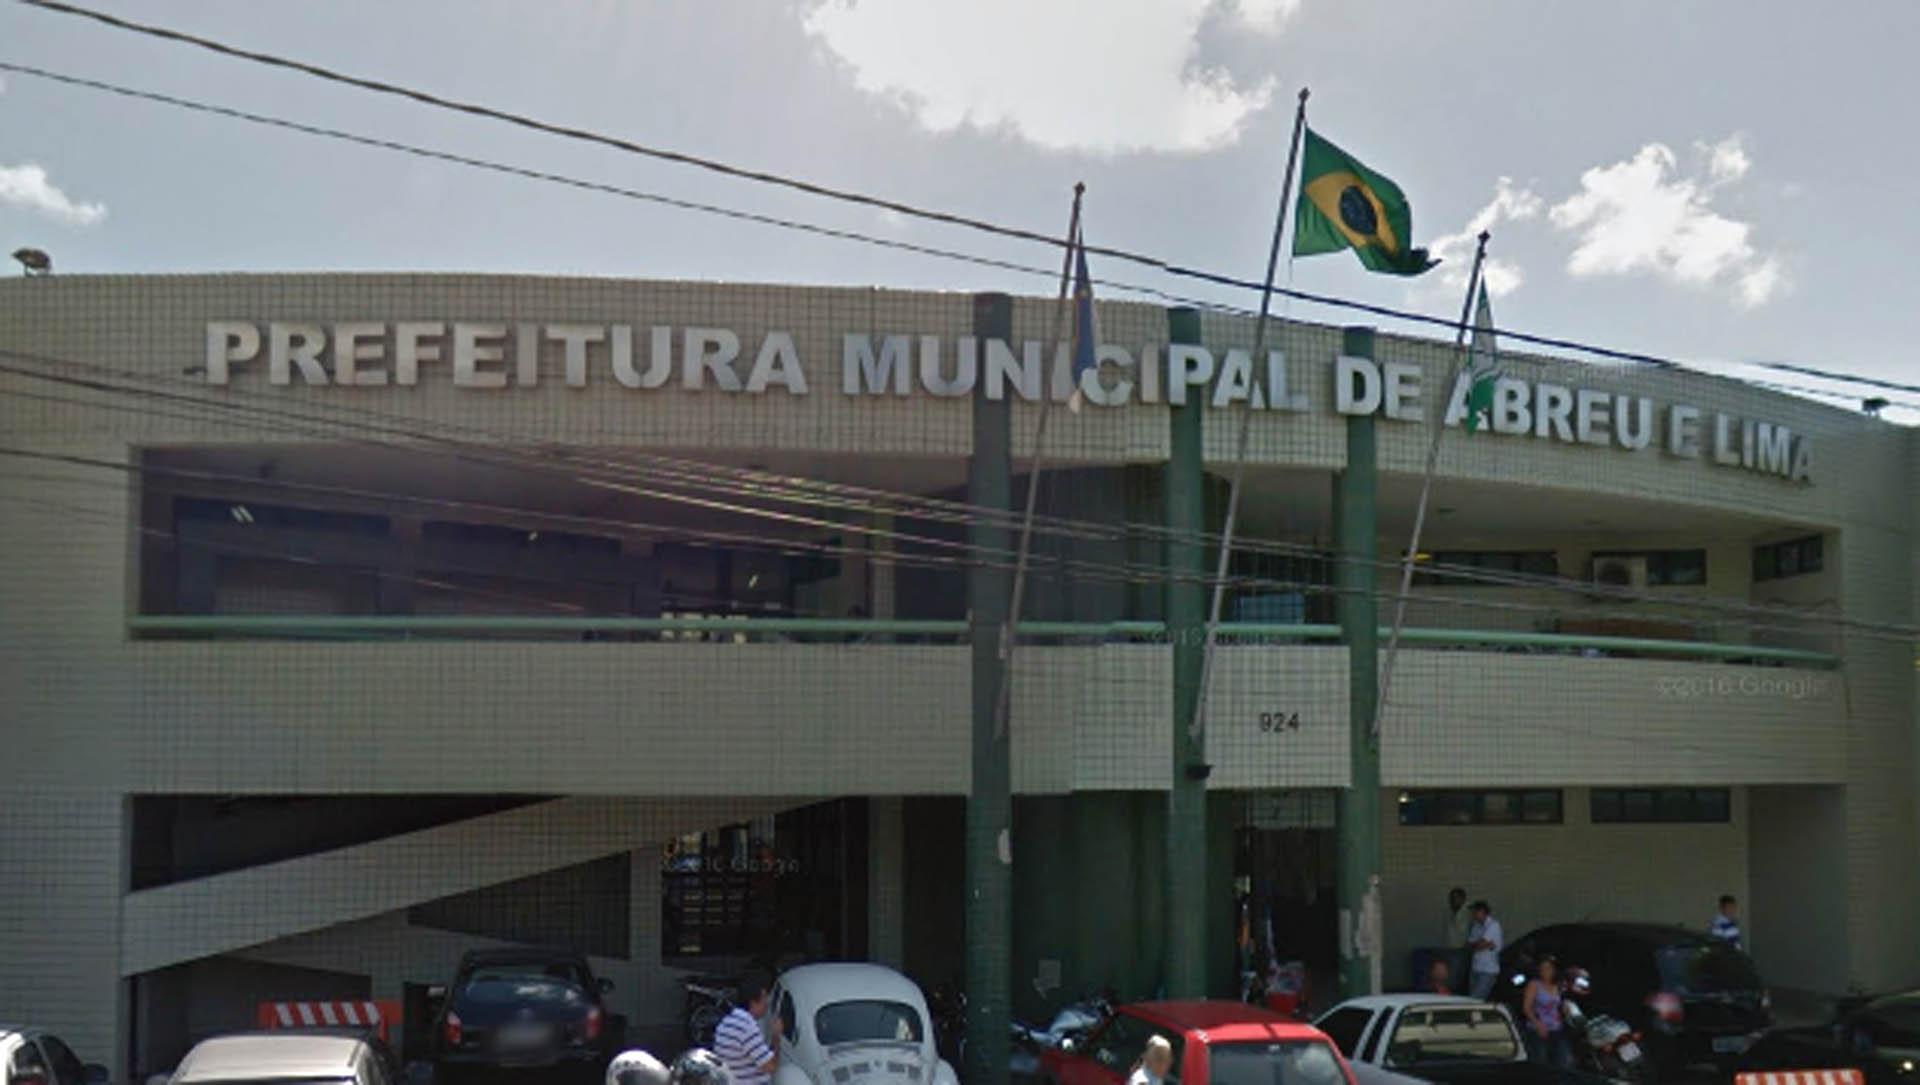 Fonte: jcconcursos.uol.com.br